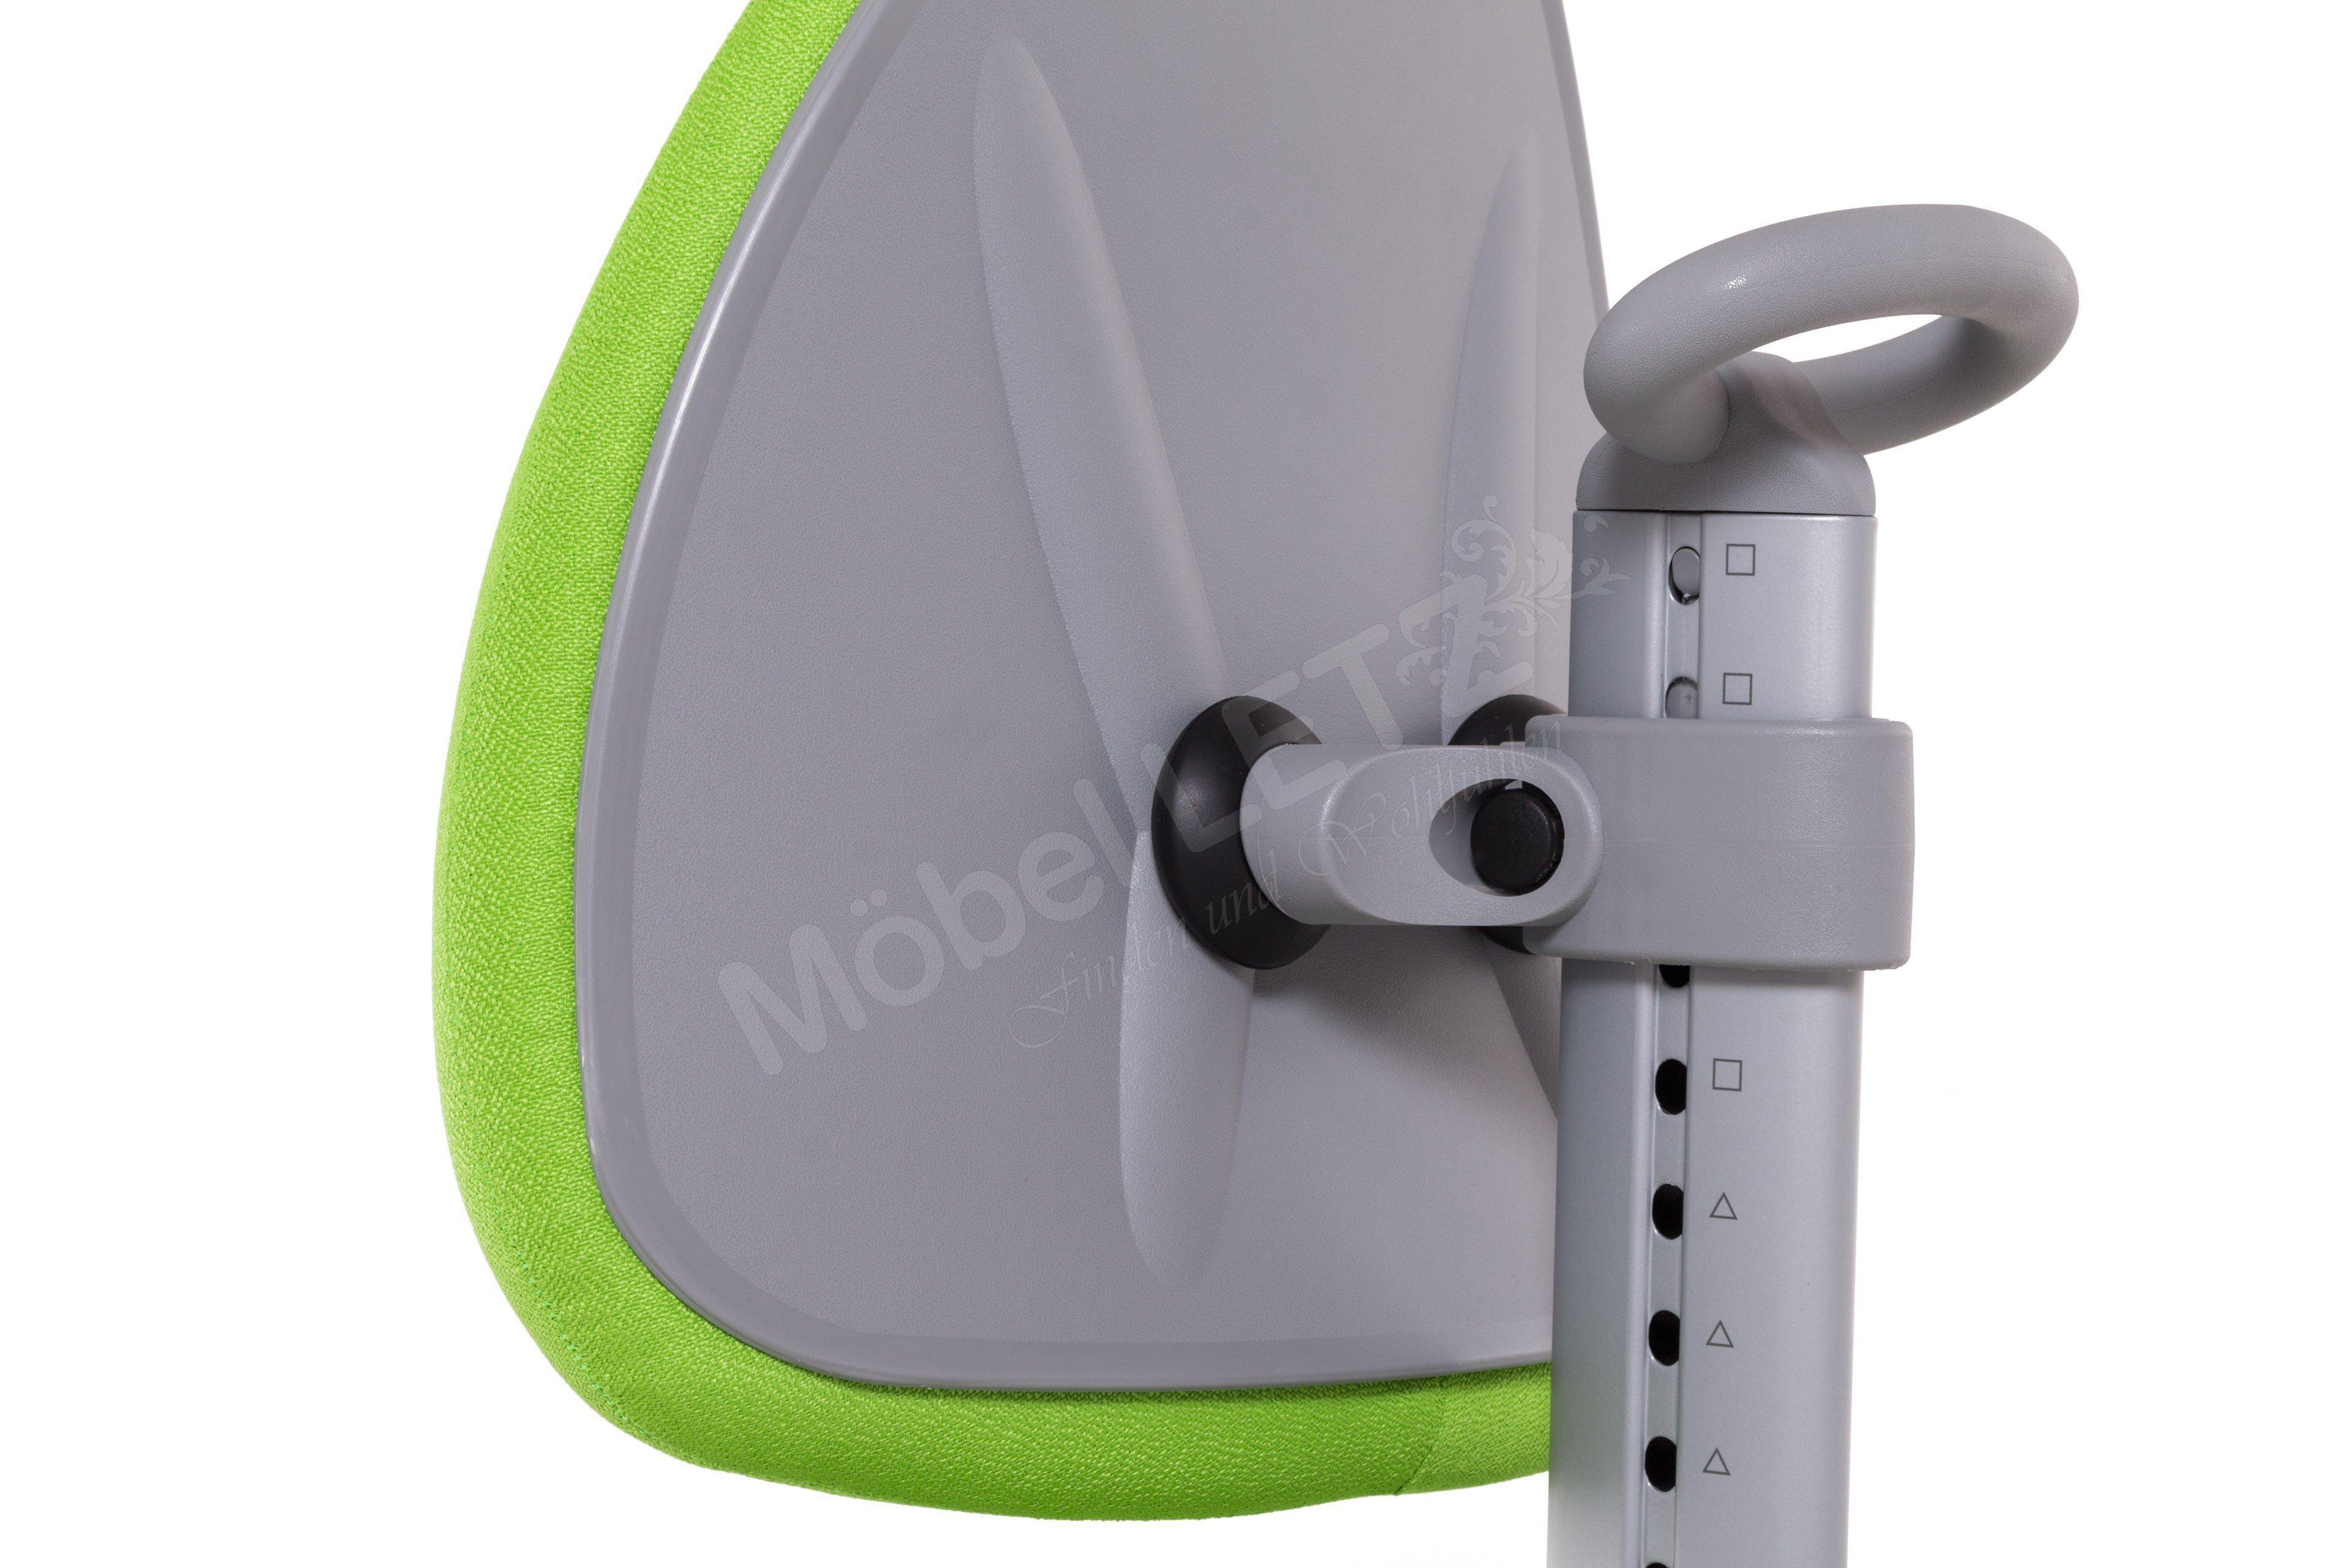 Kinderschreibtischstuhl grün  Maximo moll Drehstuhl Kinder grün grau | Möbel Letz - Ihr Online-Shop